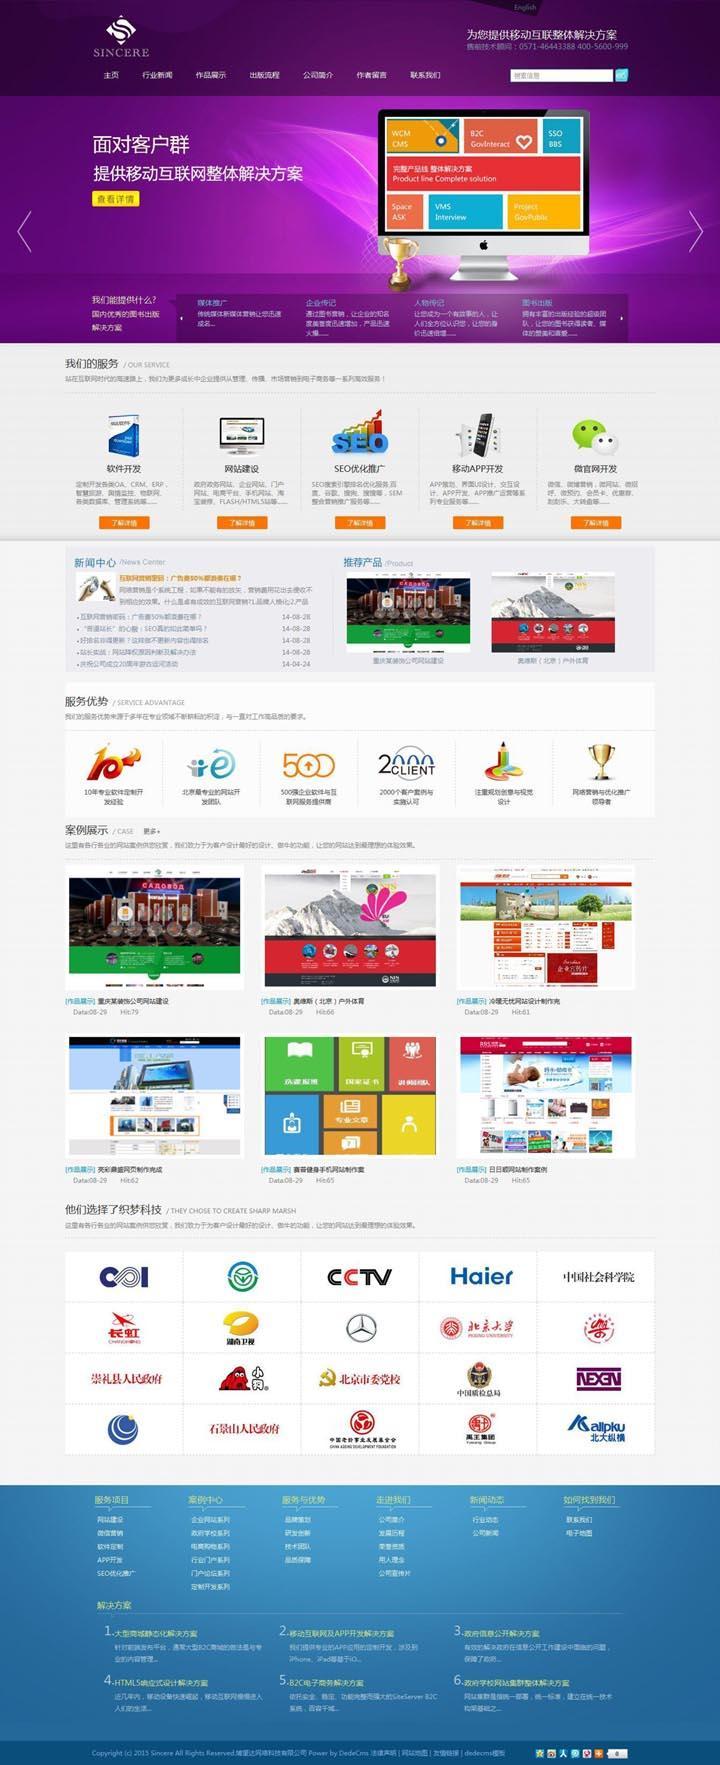 【织梦模板】非常高大上的设计网络公司源码HTML5+CSS3扁平化